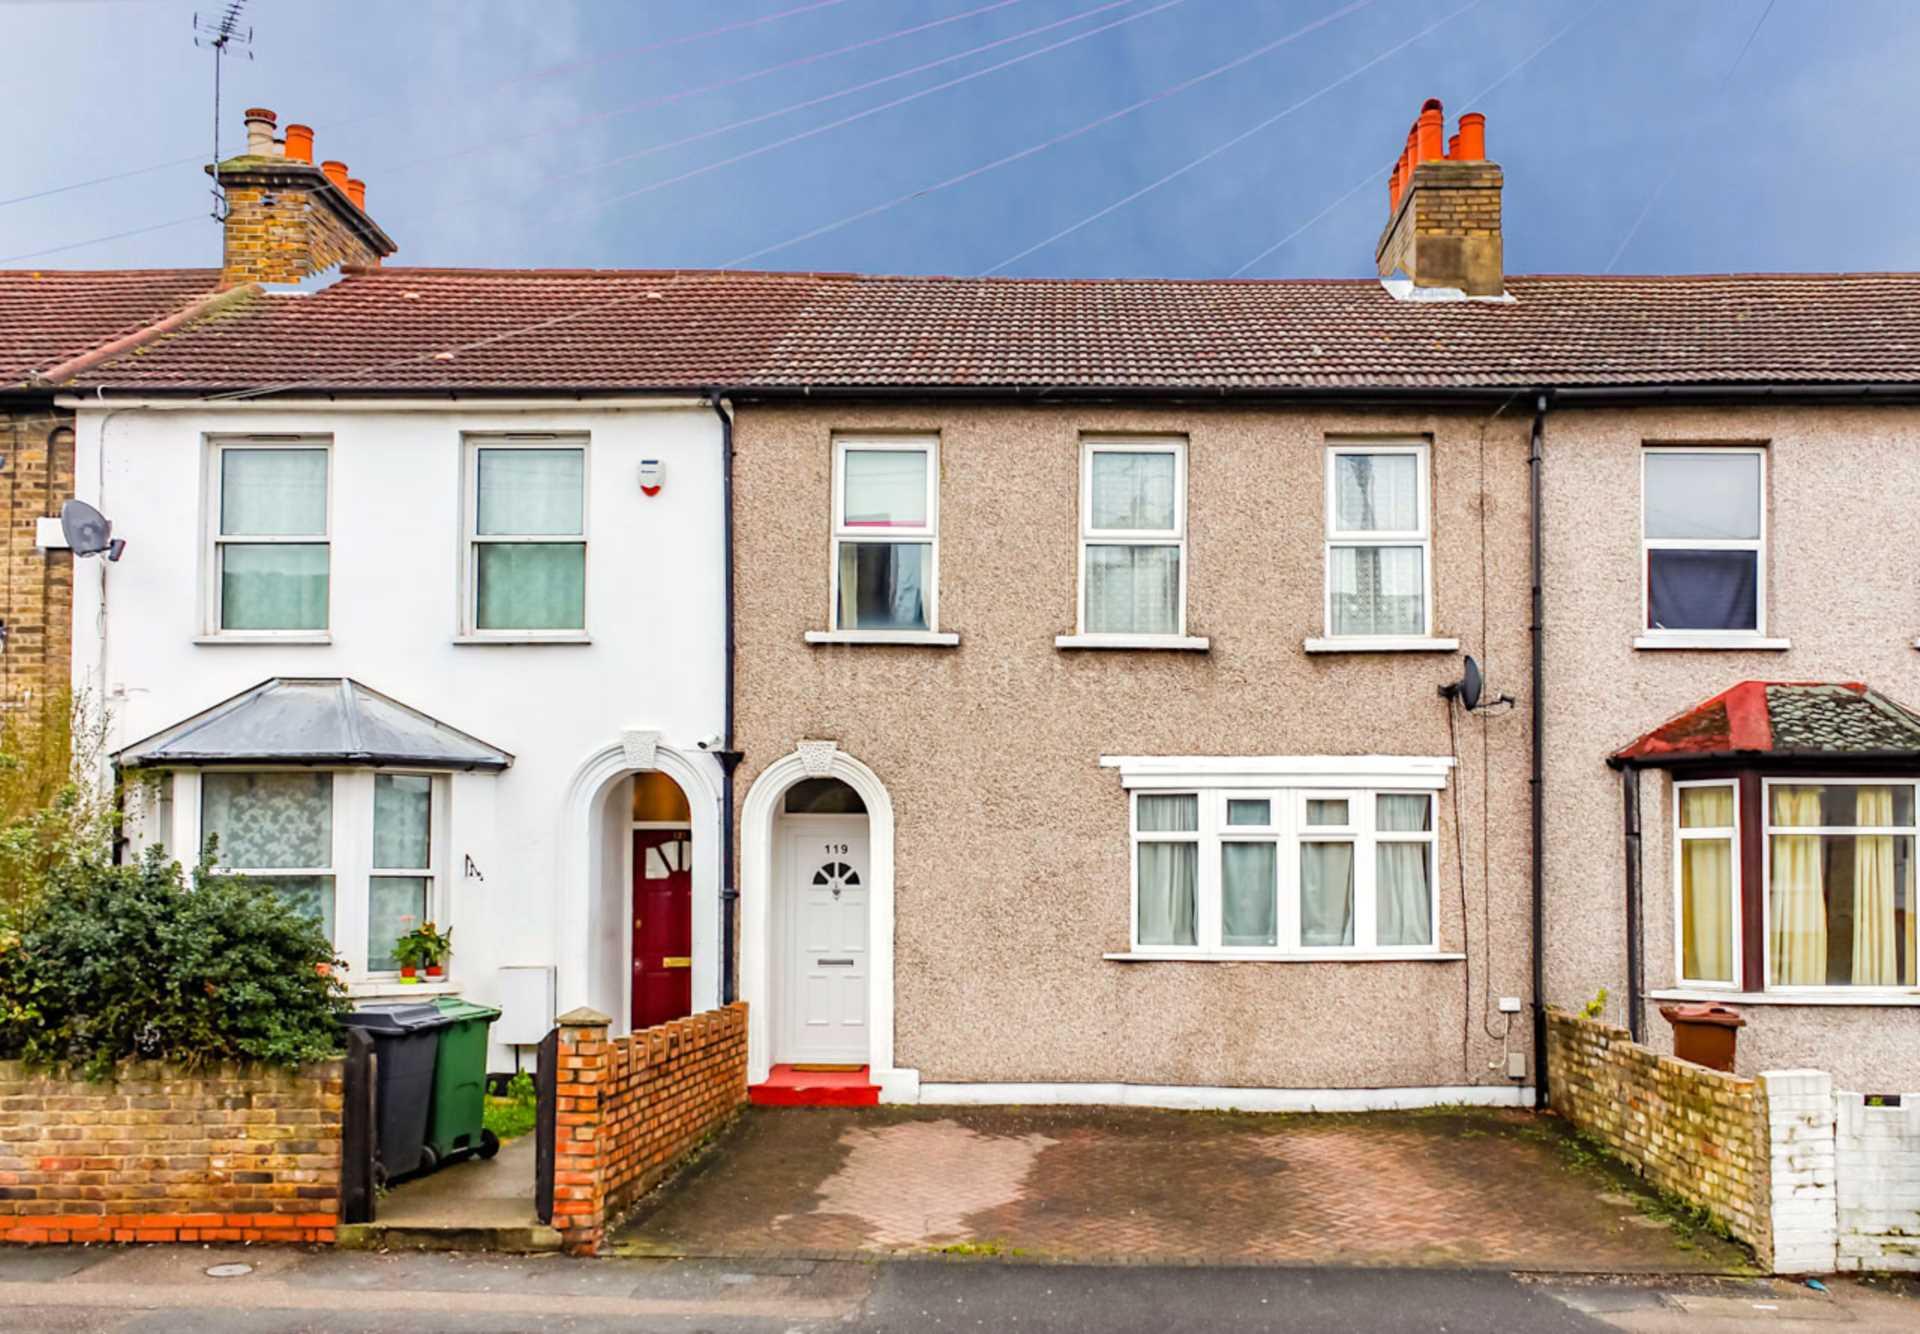 Goldsmith Road, Leyton, Image 1